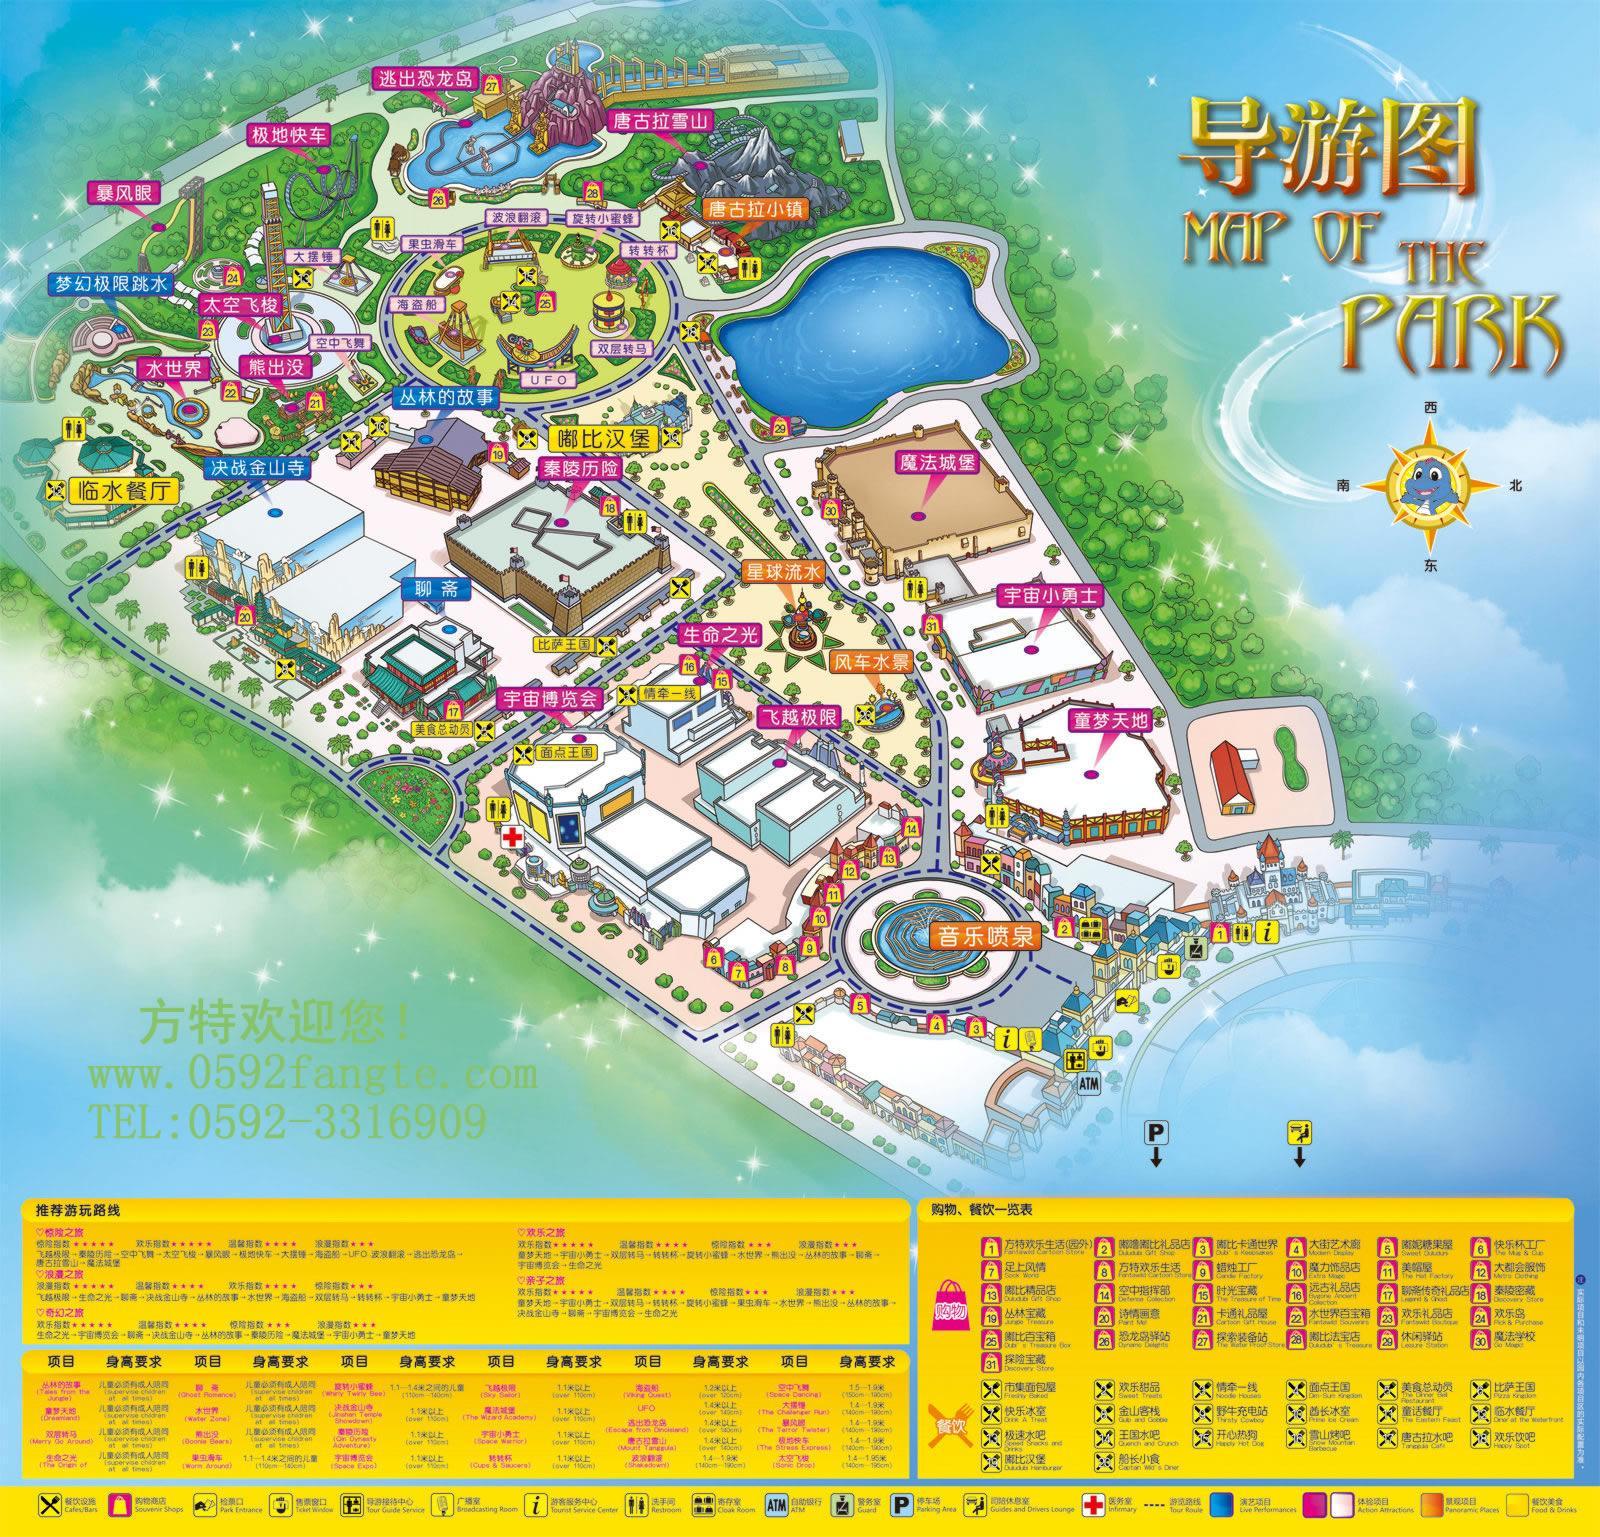 厦门方特梦幻王国园区地图